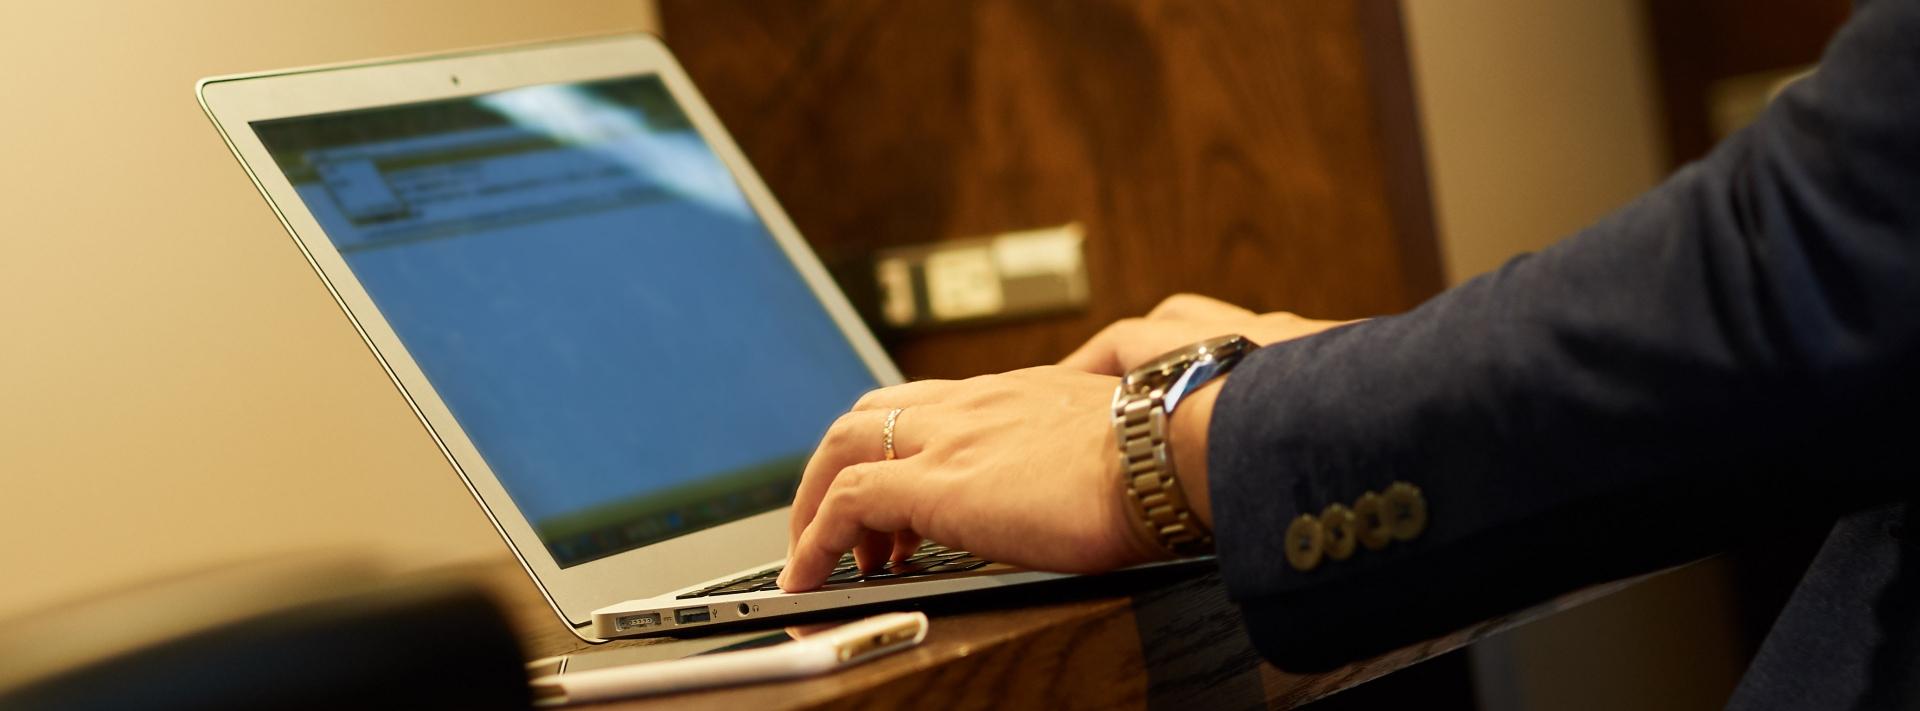 自宅で仕事をするときにはライフスタイルも変えなければならない ながらすたいる・えっくす www.bixlix.com